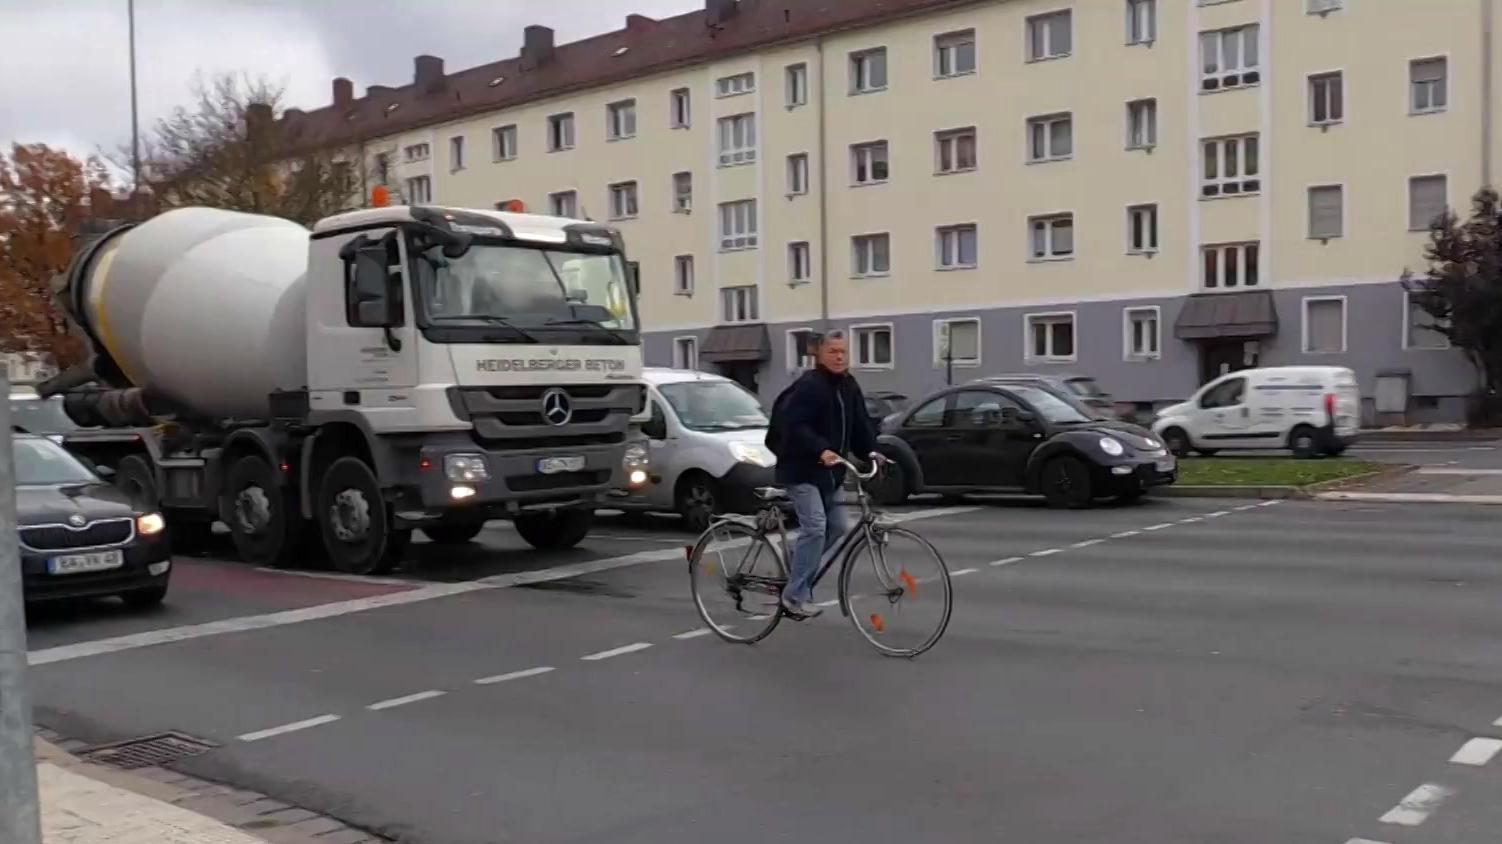 Ein Radfahrer auf einer Straße in Nürnberg